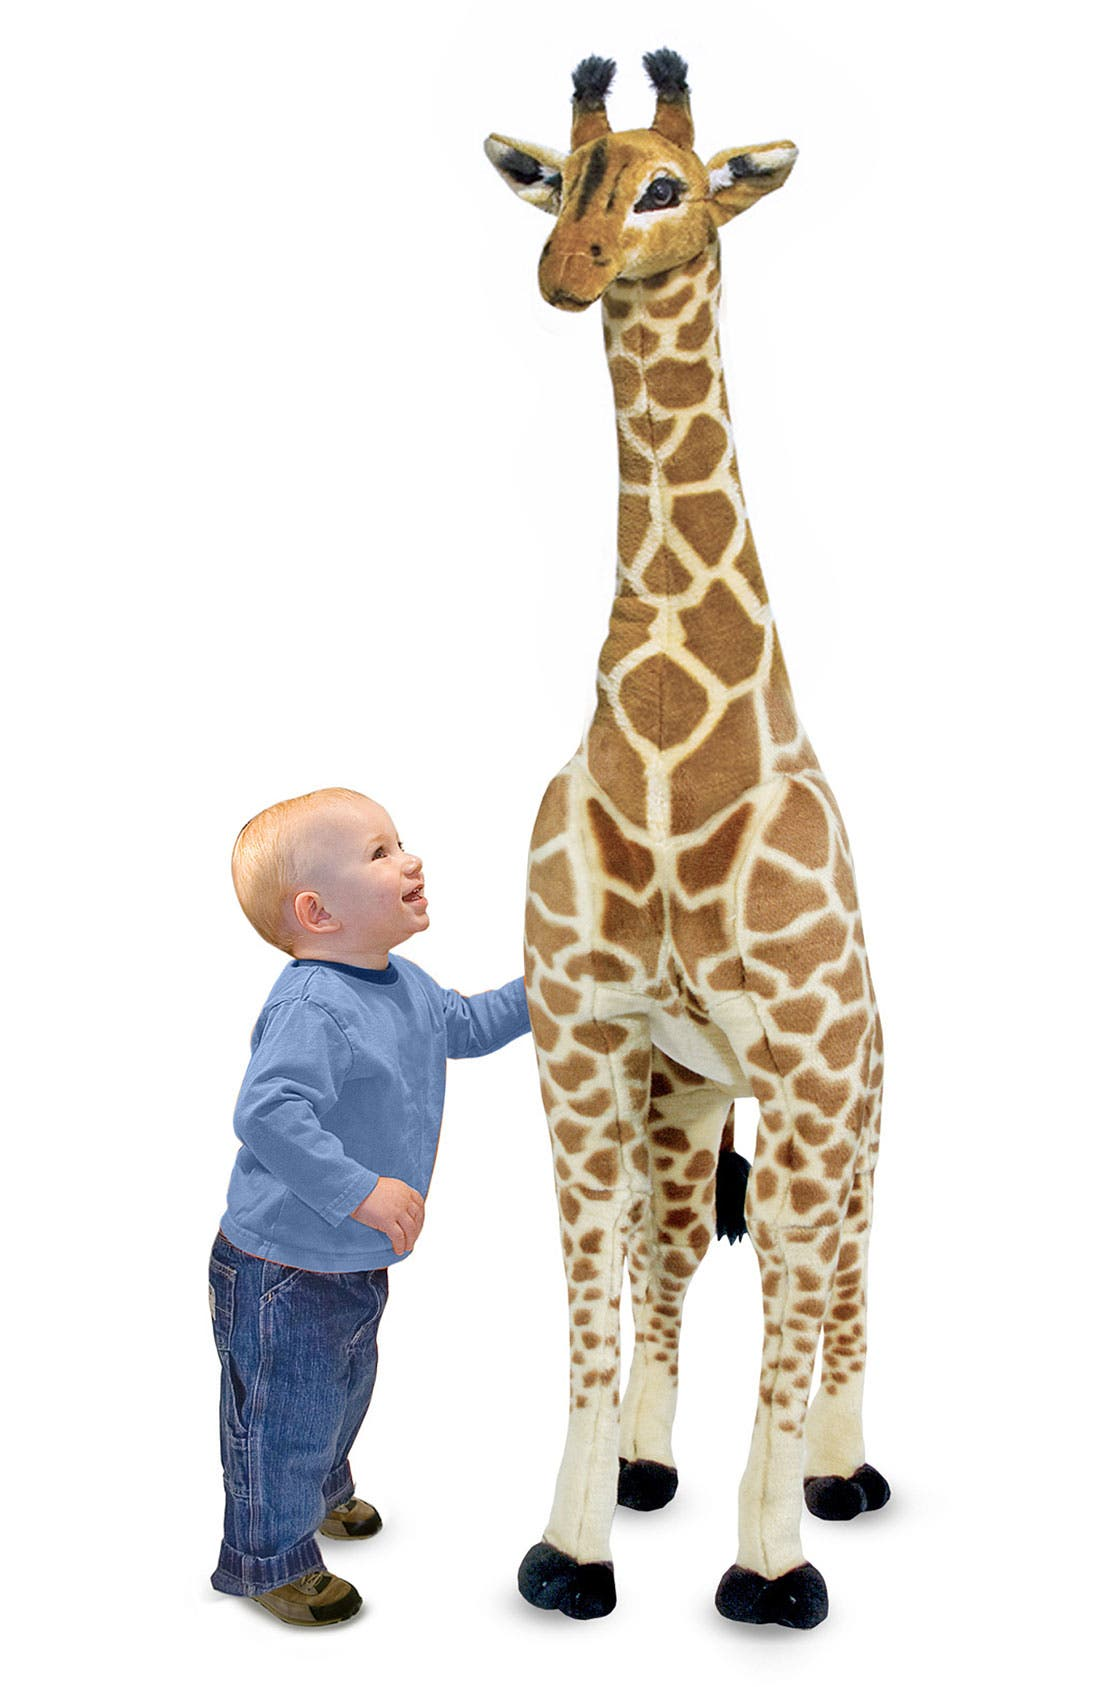 Alternate Image 1 Selected - Melissa & Doug Oversized Giraffe